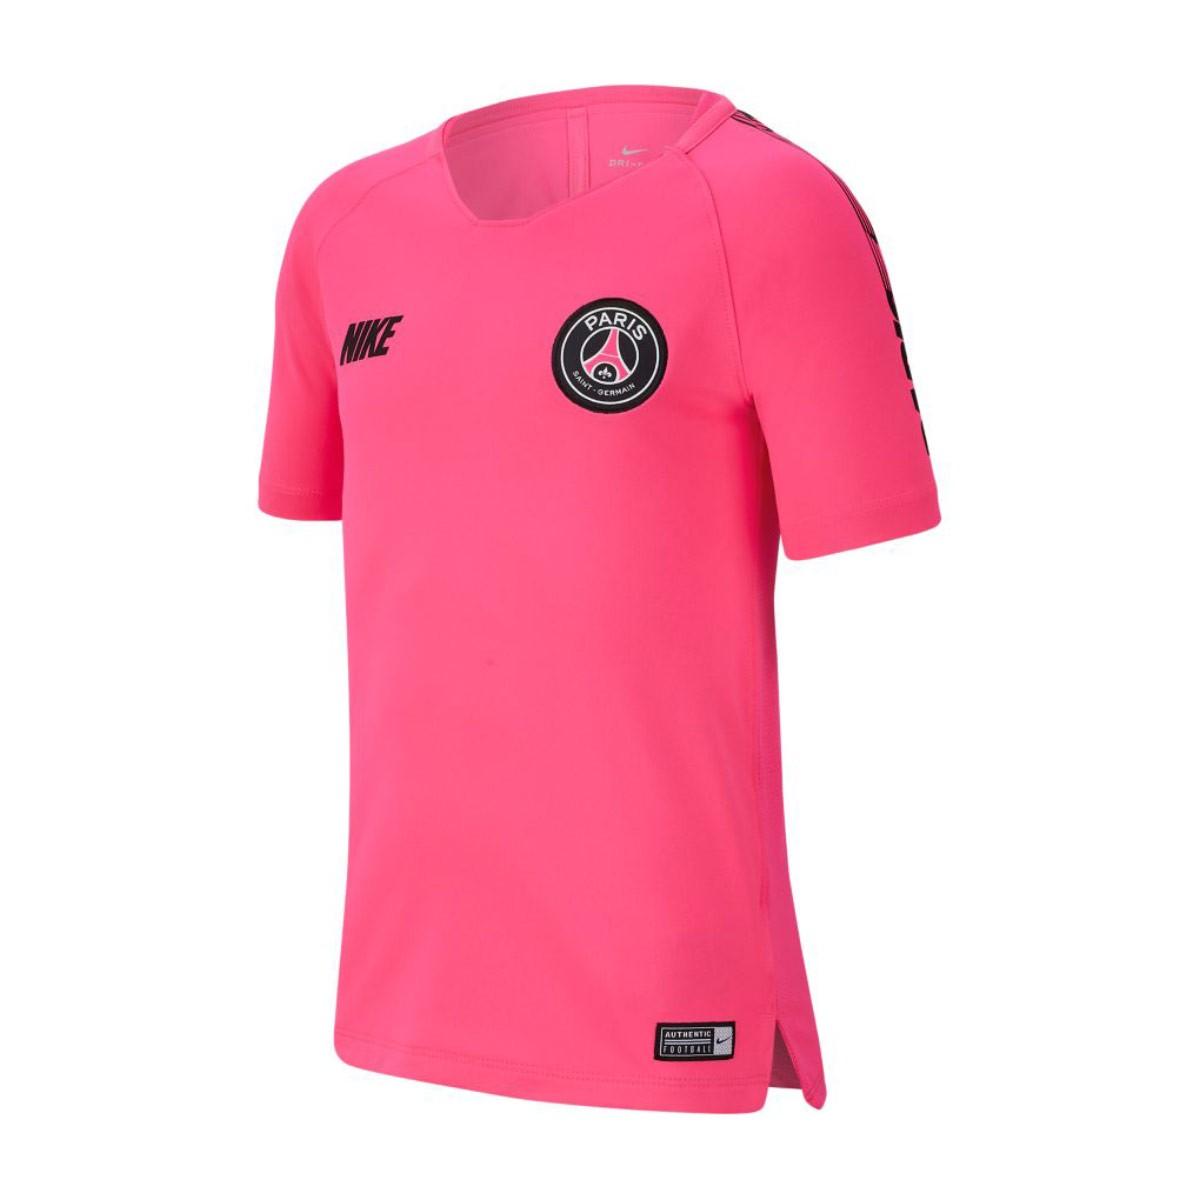 dc71bbbb0e8 Jersey Nike Kids Paris Saint-Germain Squad 2018-2019 Hyper pink ...